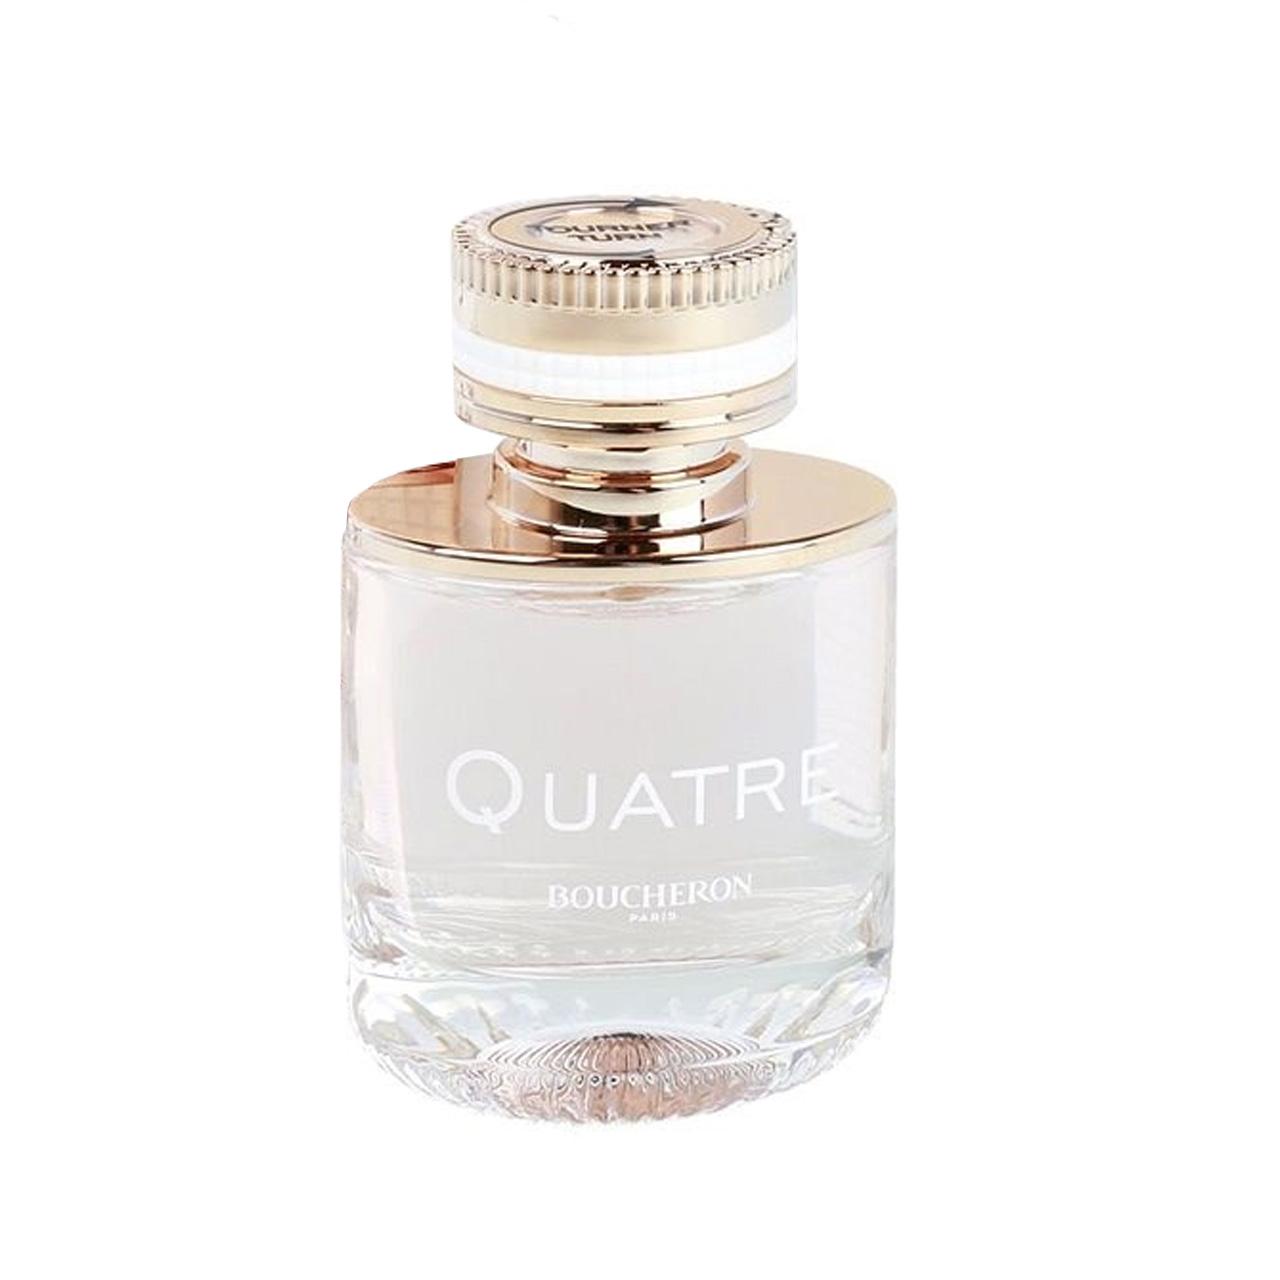 قیمت ادو تویلت زنانه بوچرون مدل Quatre parfum feminin حجم 100 میلی لیتر